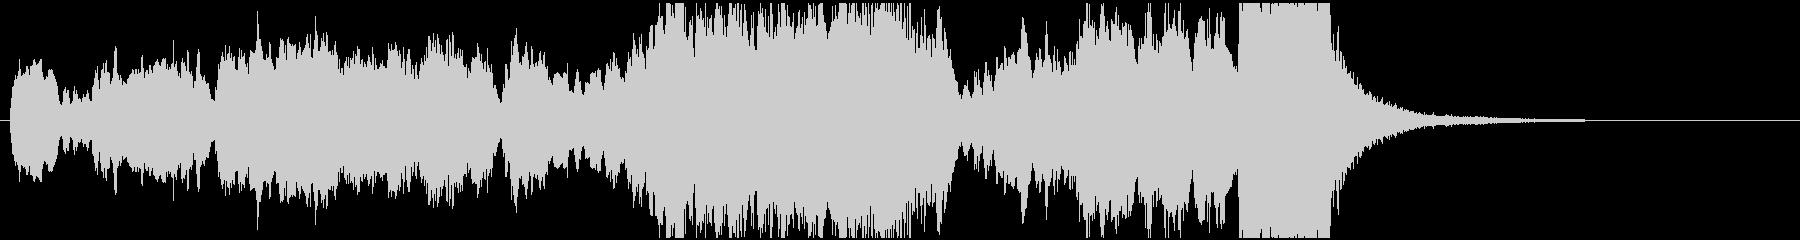 パワフルで生々しいブラスファンファーレの未再生の波形